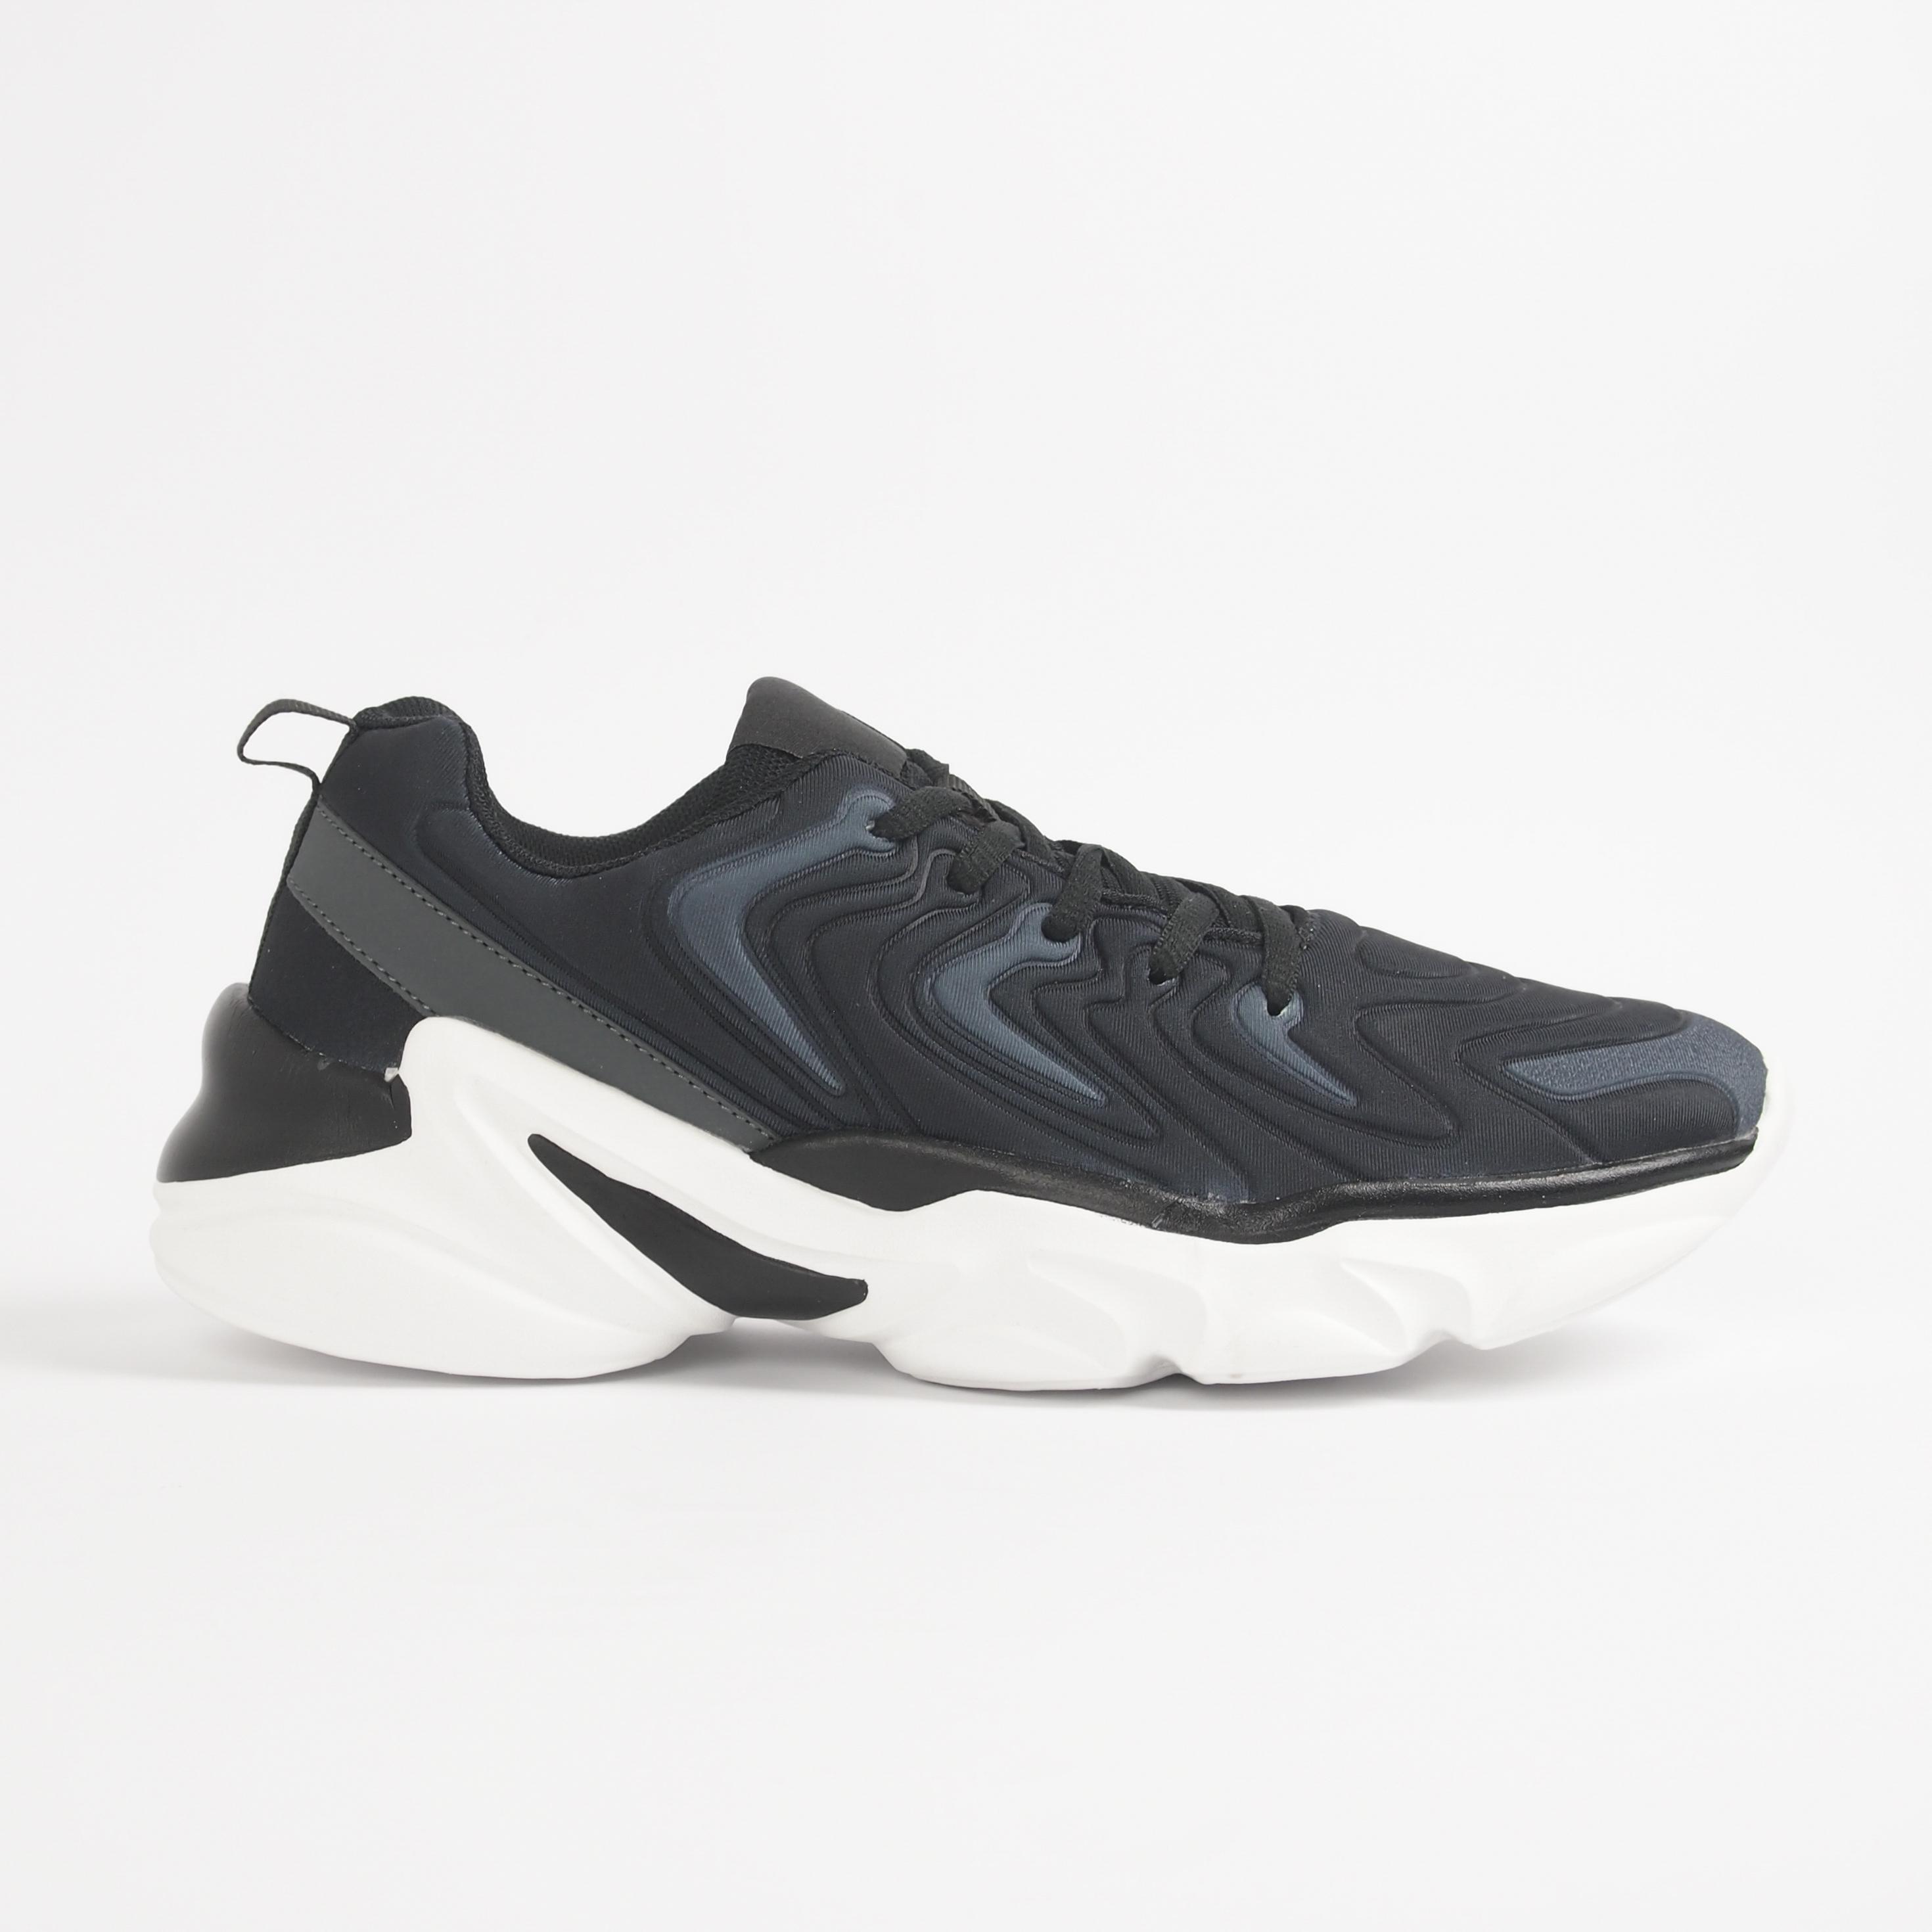 Ανδρικά μαύρα αθλητικά παπούτσια